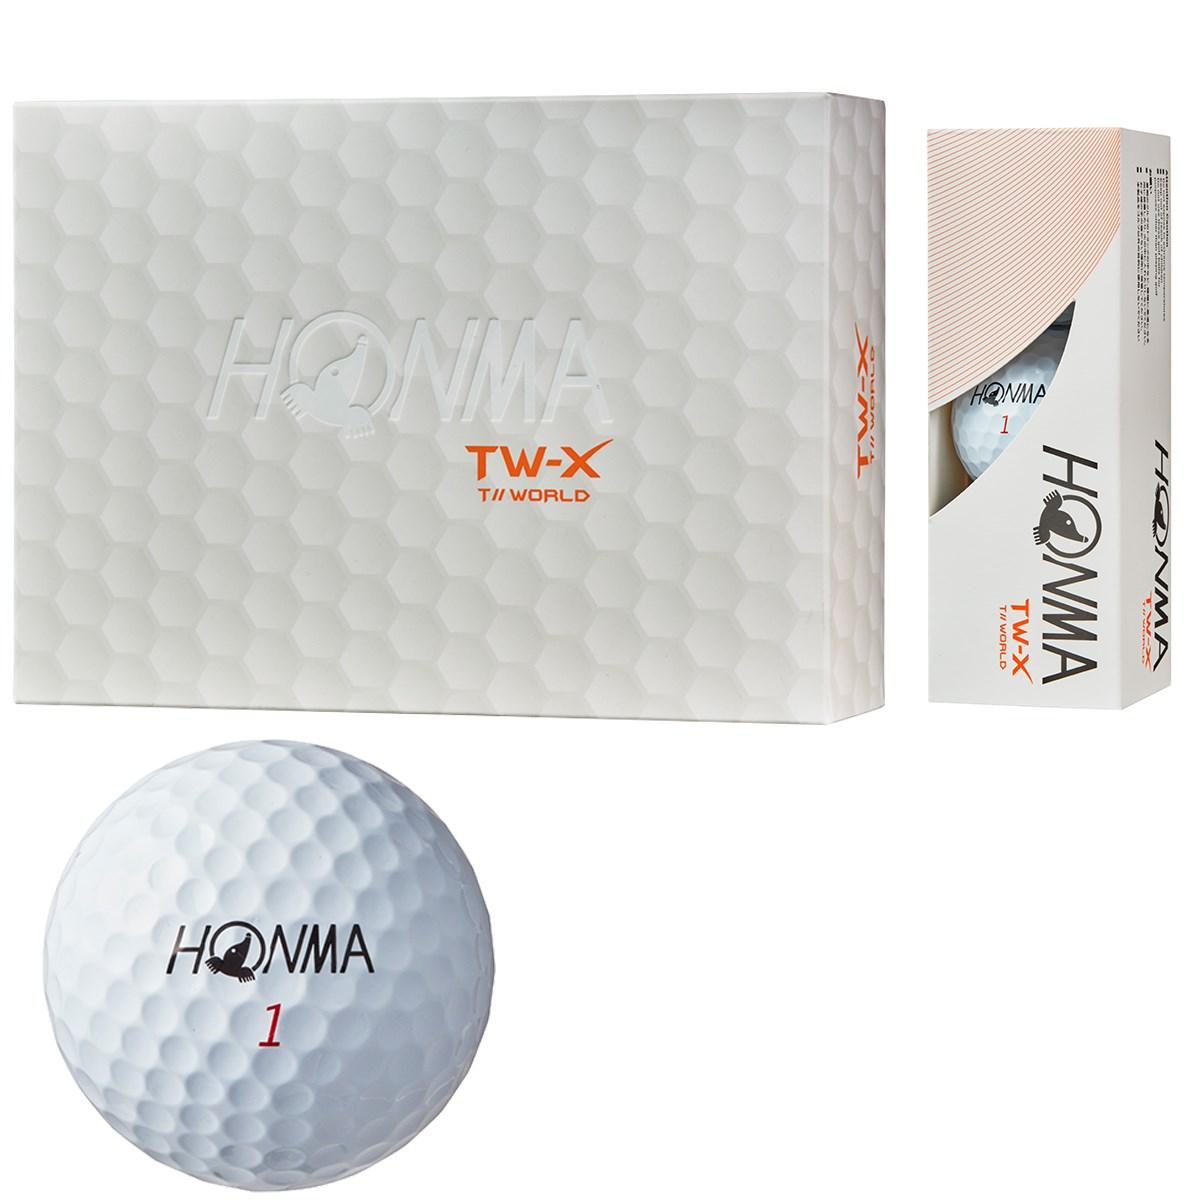 本間ゴルフ HONMA TW-X ボール 1ダース(12個入り) ホワイト